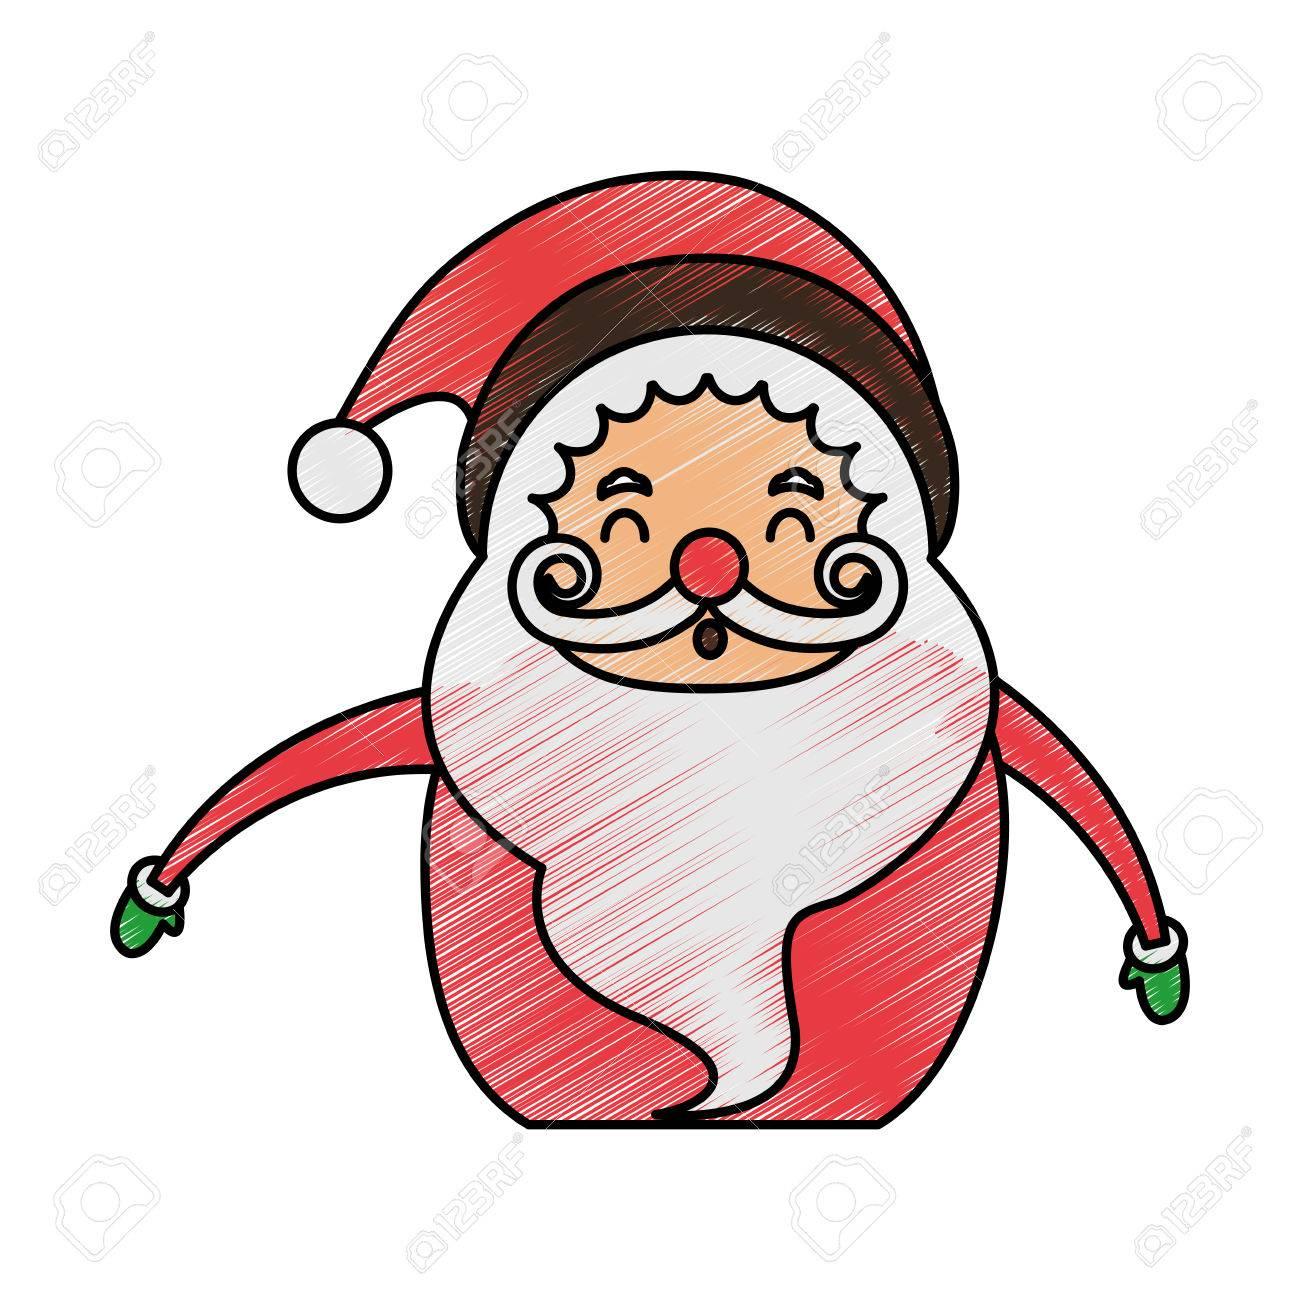 Couleur Crayon Dessin Animé Moitié Corps Gras Père Noël Souriant Illustration Vectorielle